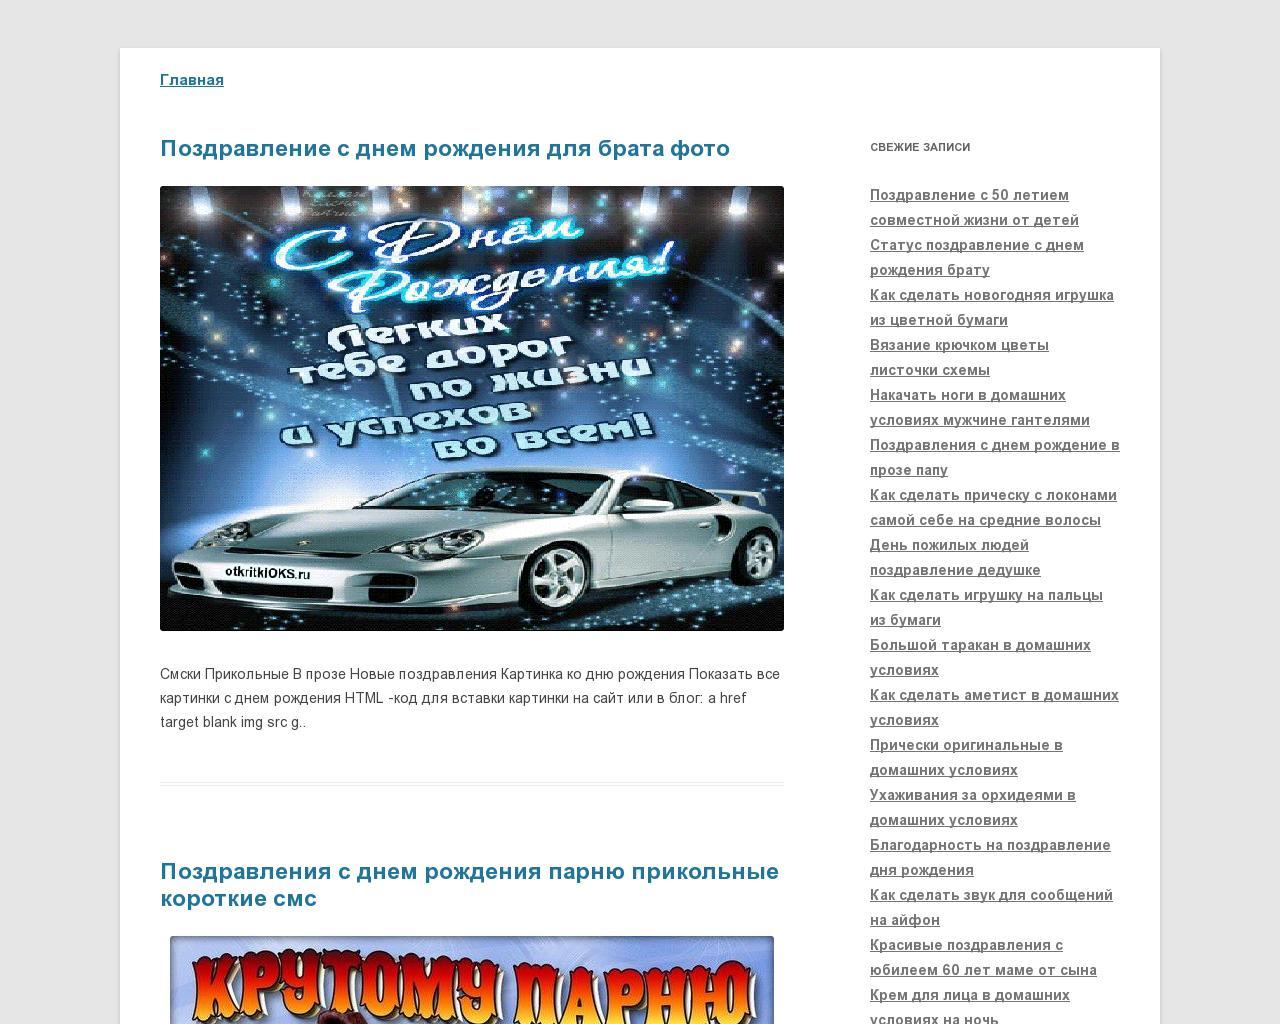 Сайты картинок и поздравления 923